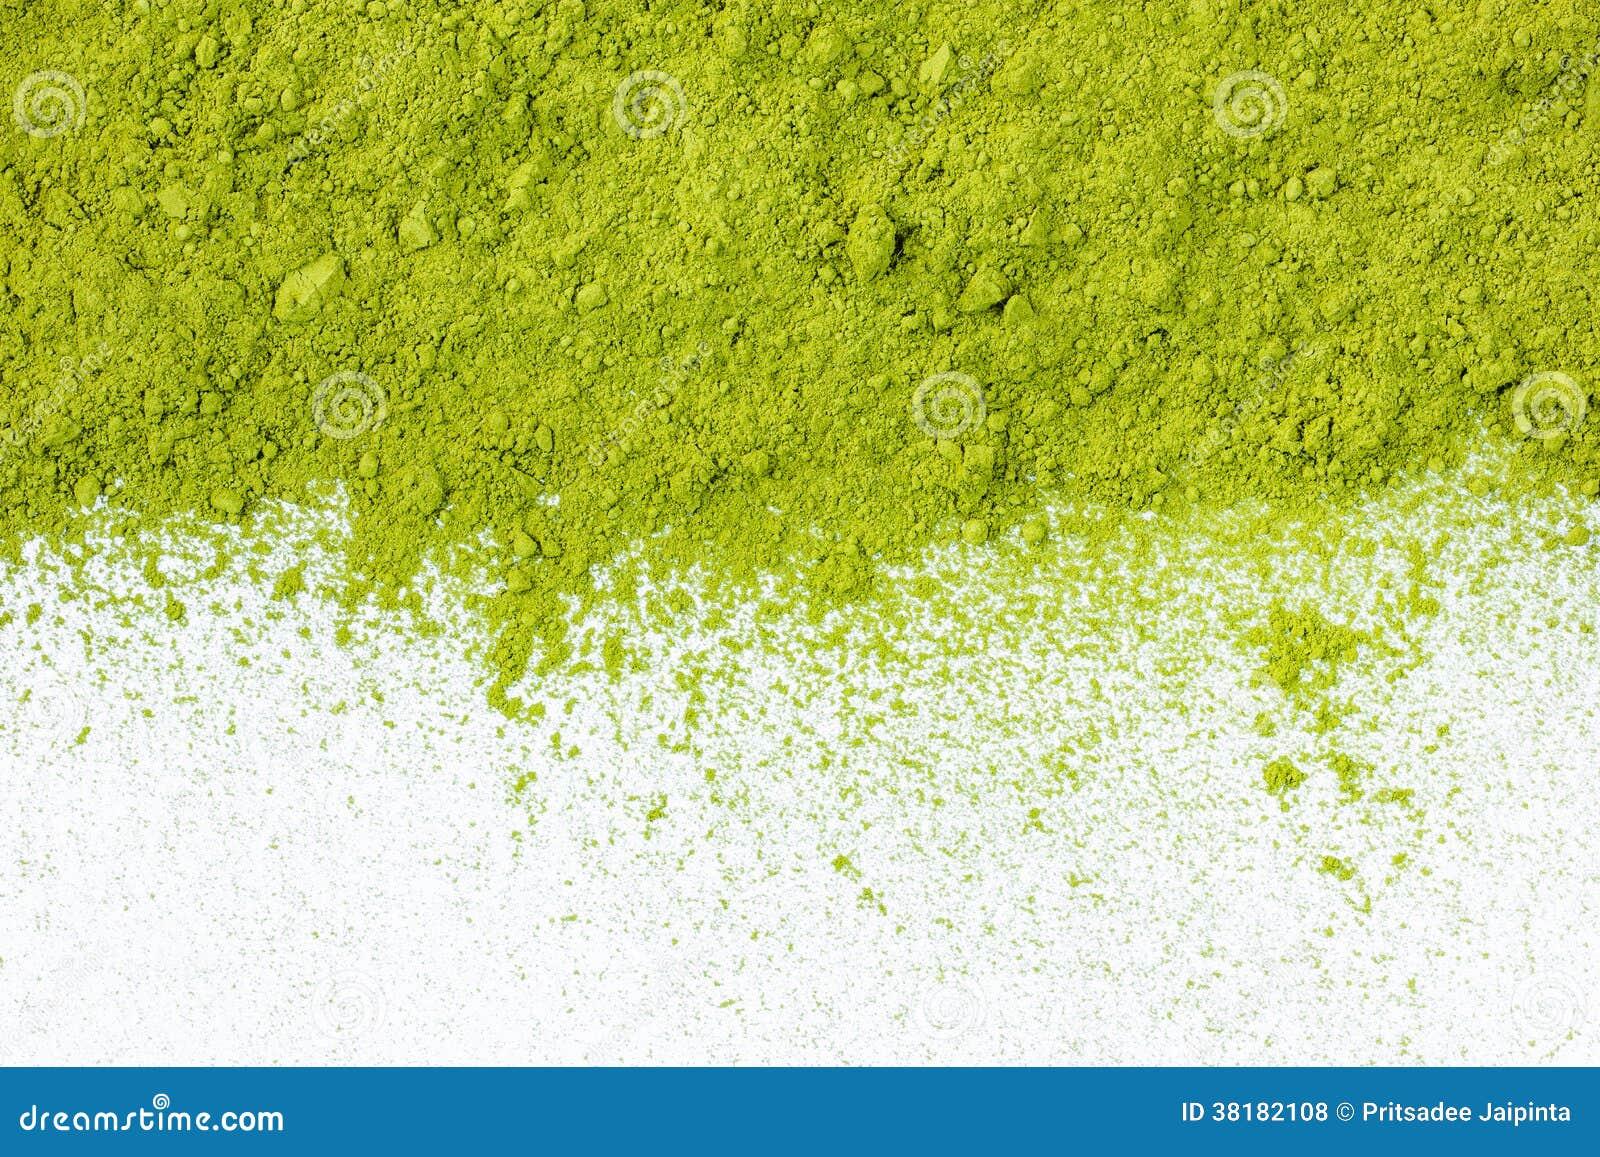 搽粉的绿茶顶视图关闭边界